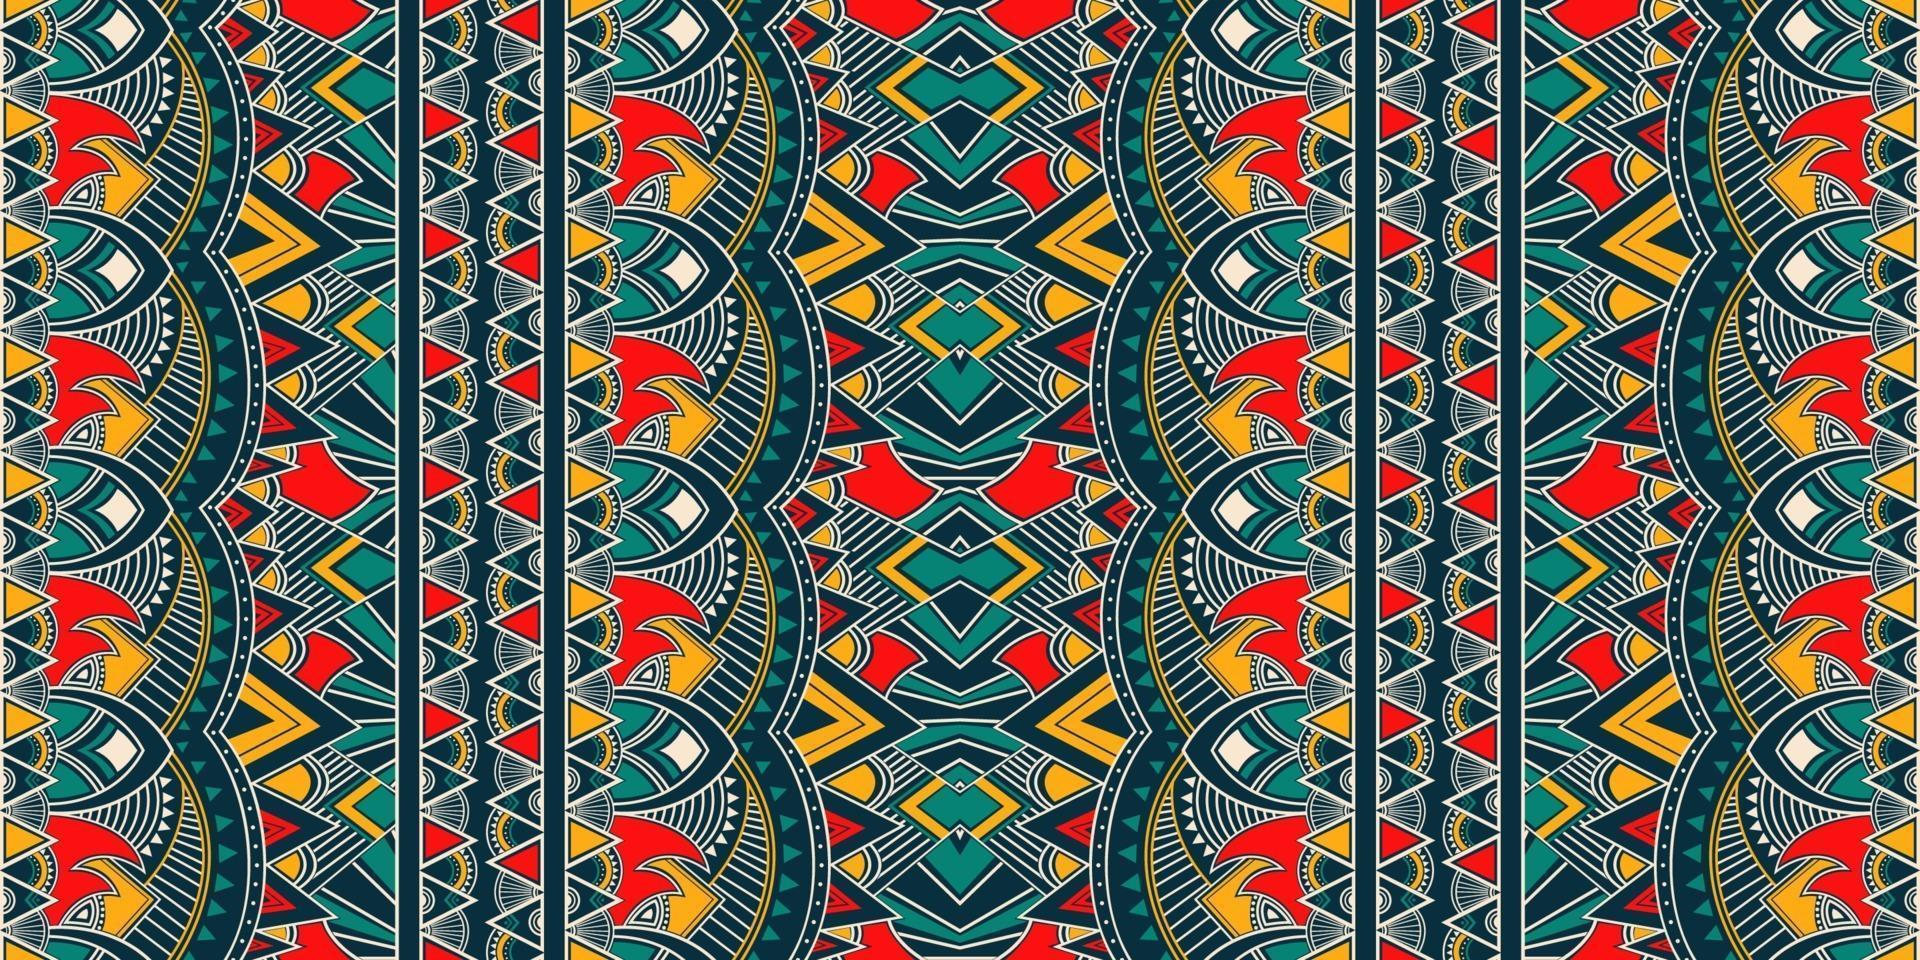 ikat geometrische folklore ornament. tribale etnische vector textuur. naadloos gestreept patroon in Azteekse stijl. figuur tribal borduurwerk. indisch, scandinavisch, zigeuner, mexicaans, volkspatroon.